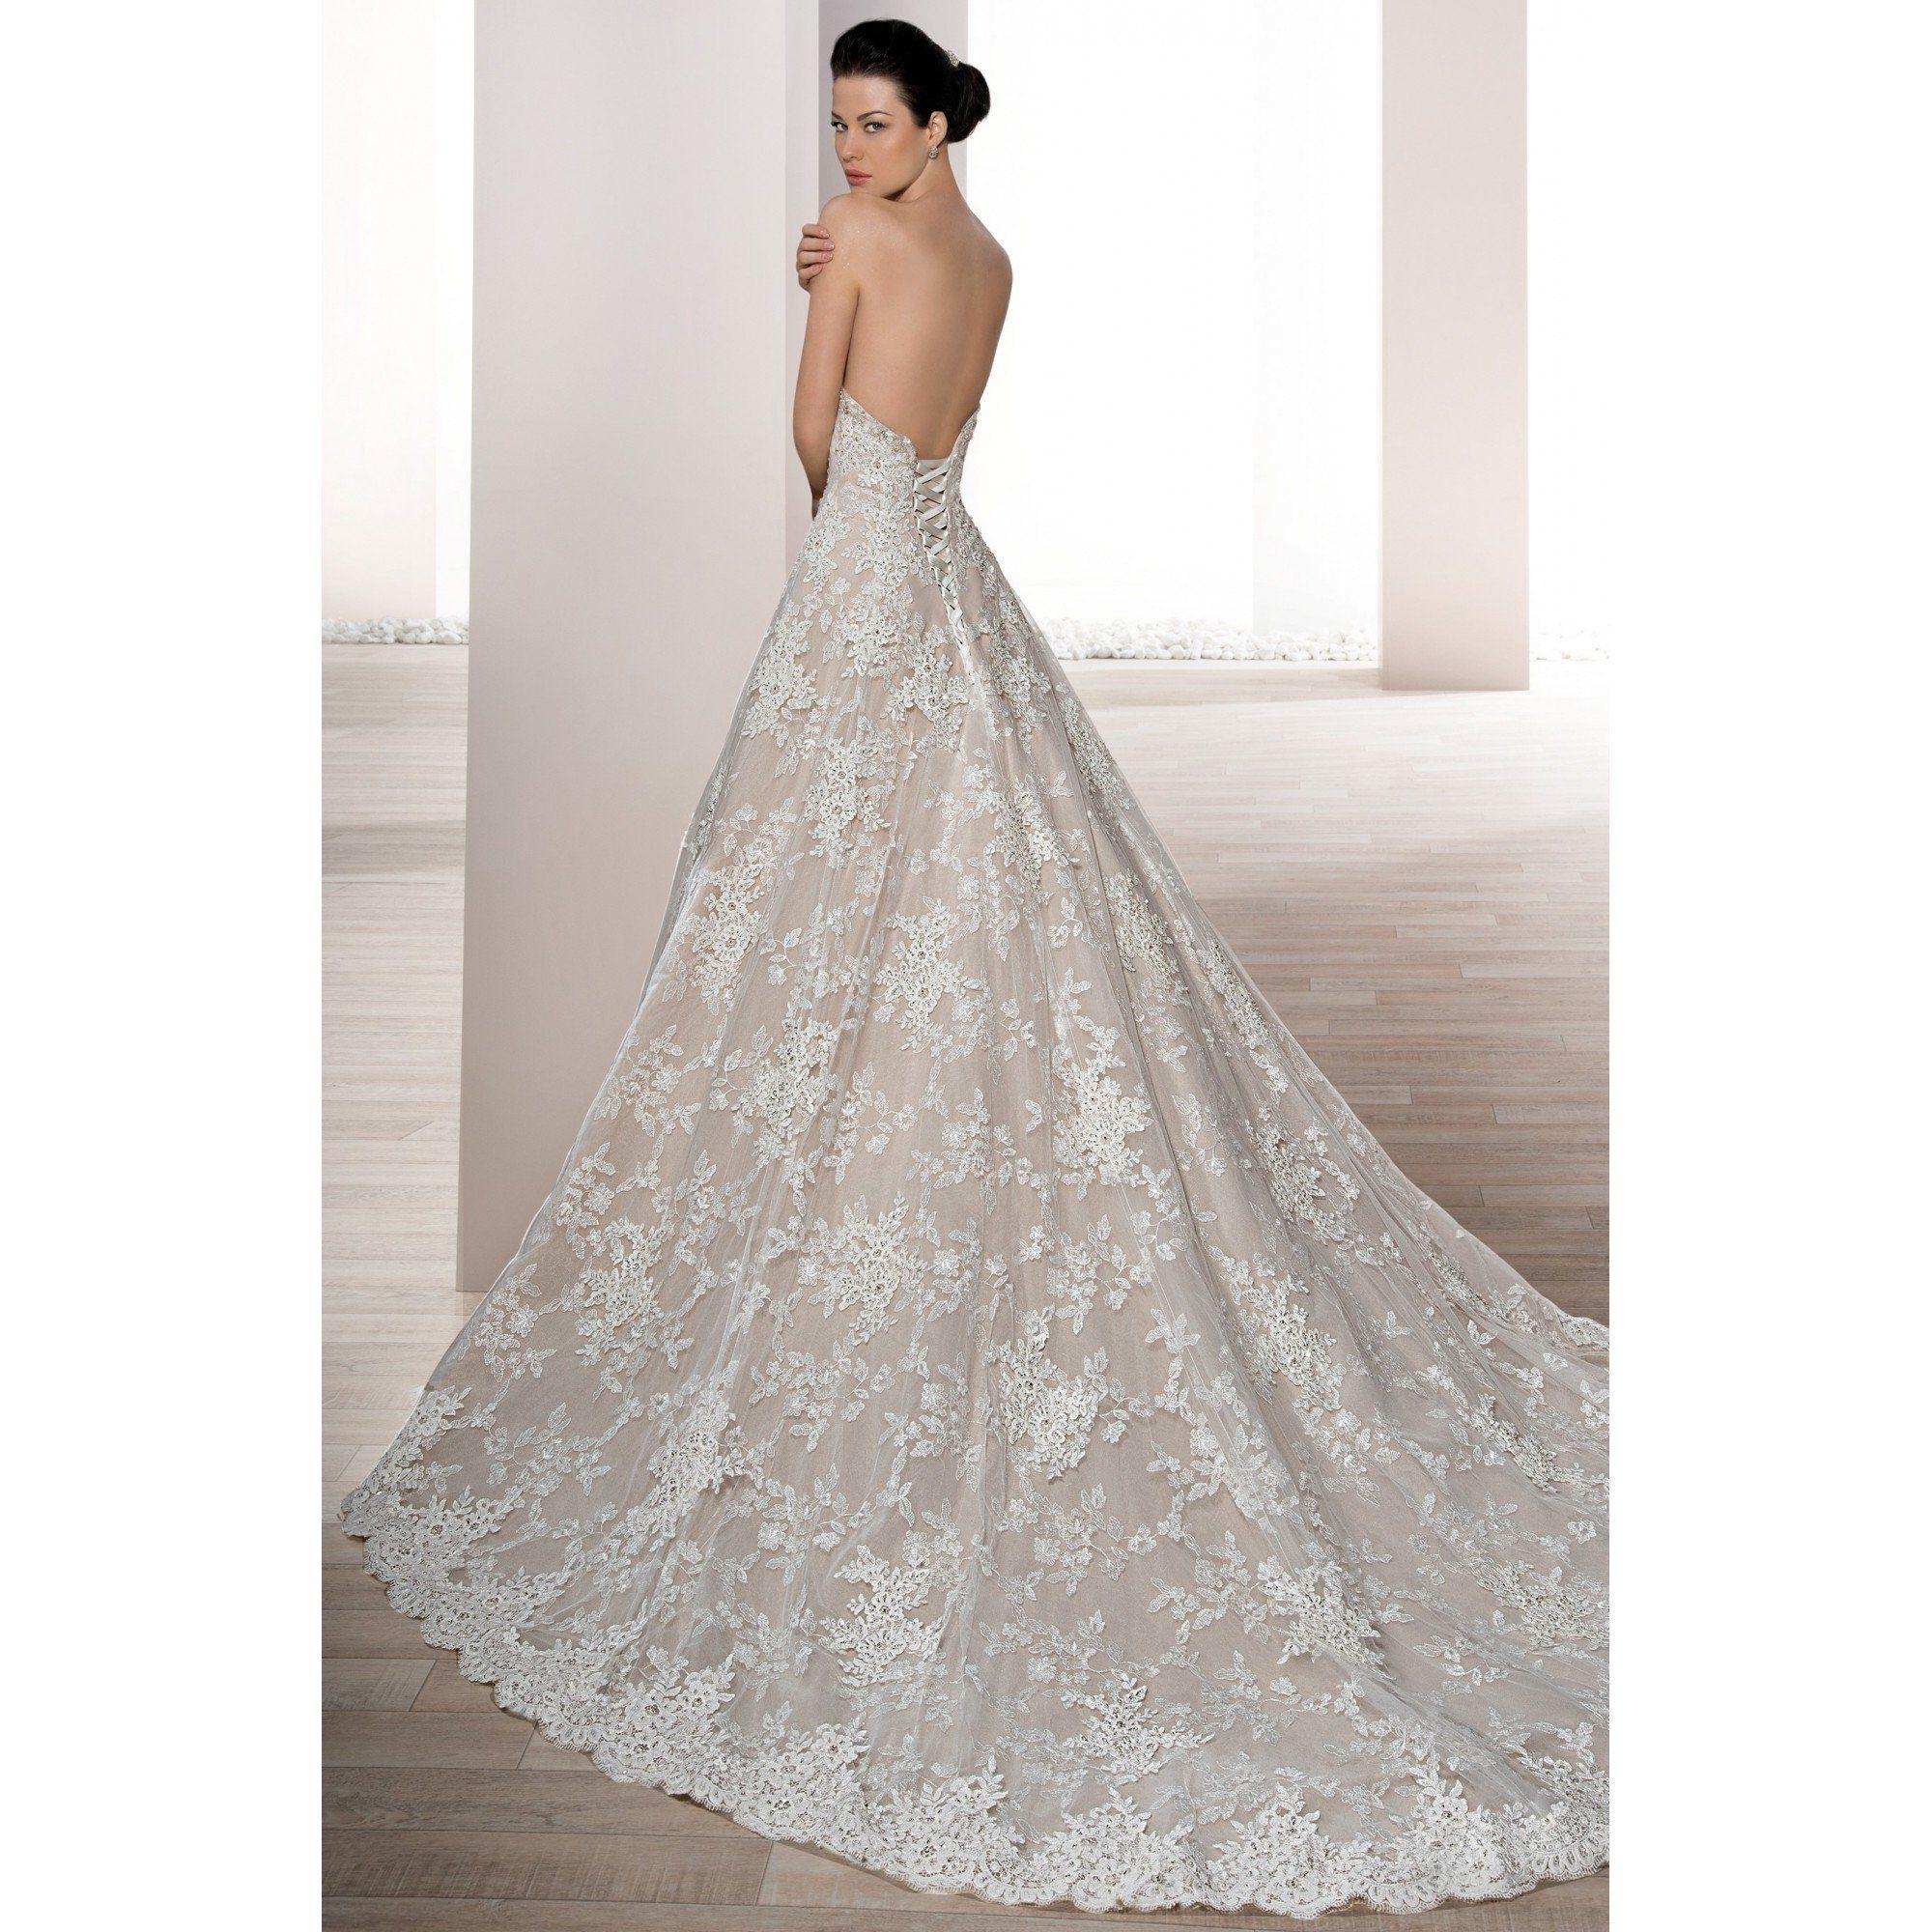 Beach Wedding Dresses Tampa Fl | Wedding Dress | Pinterest | Beach ...